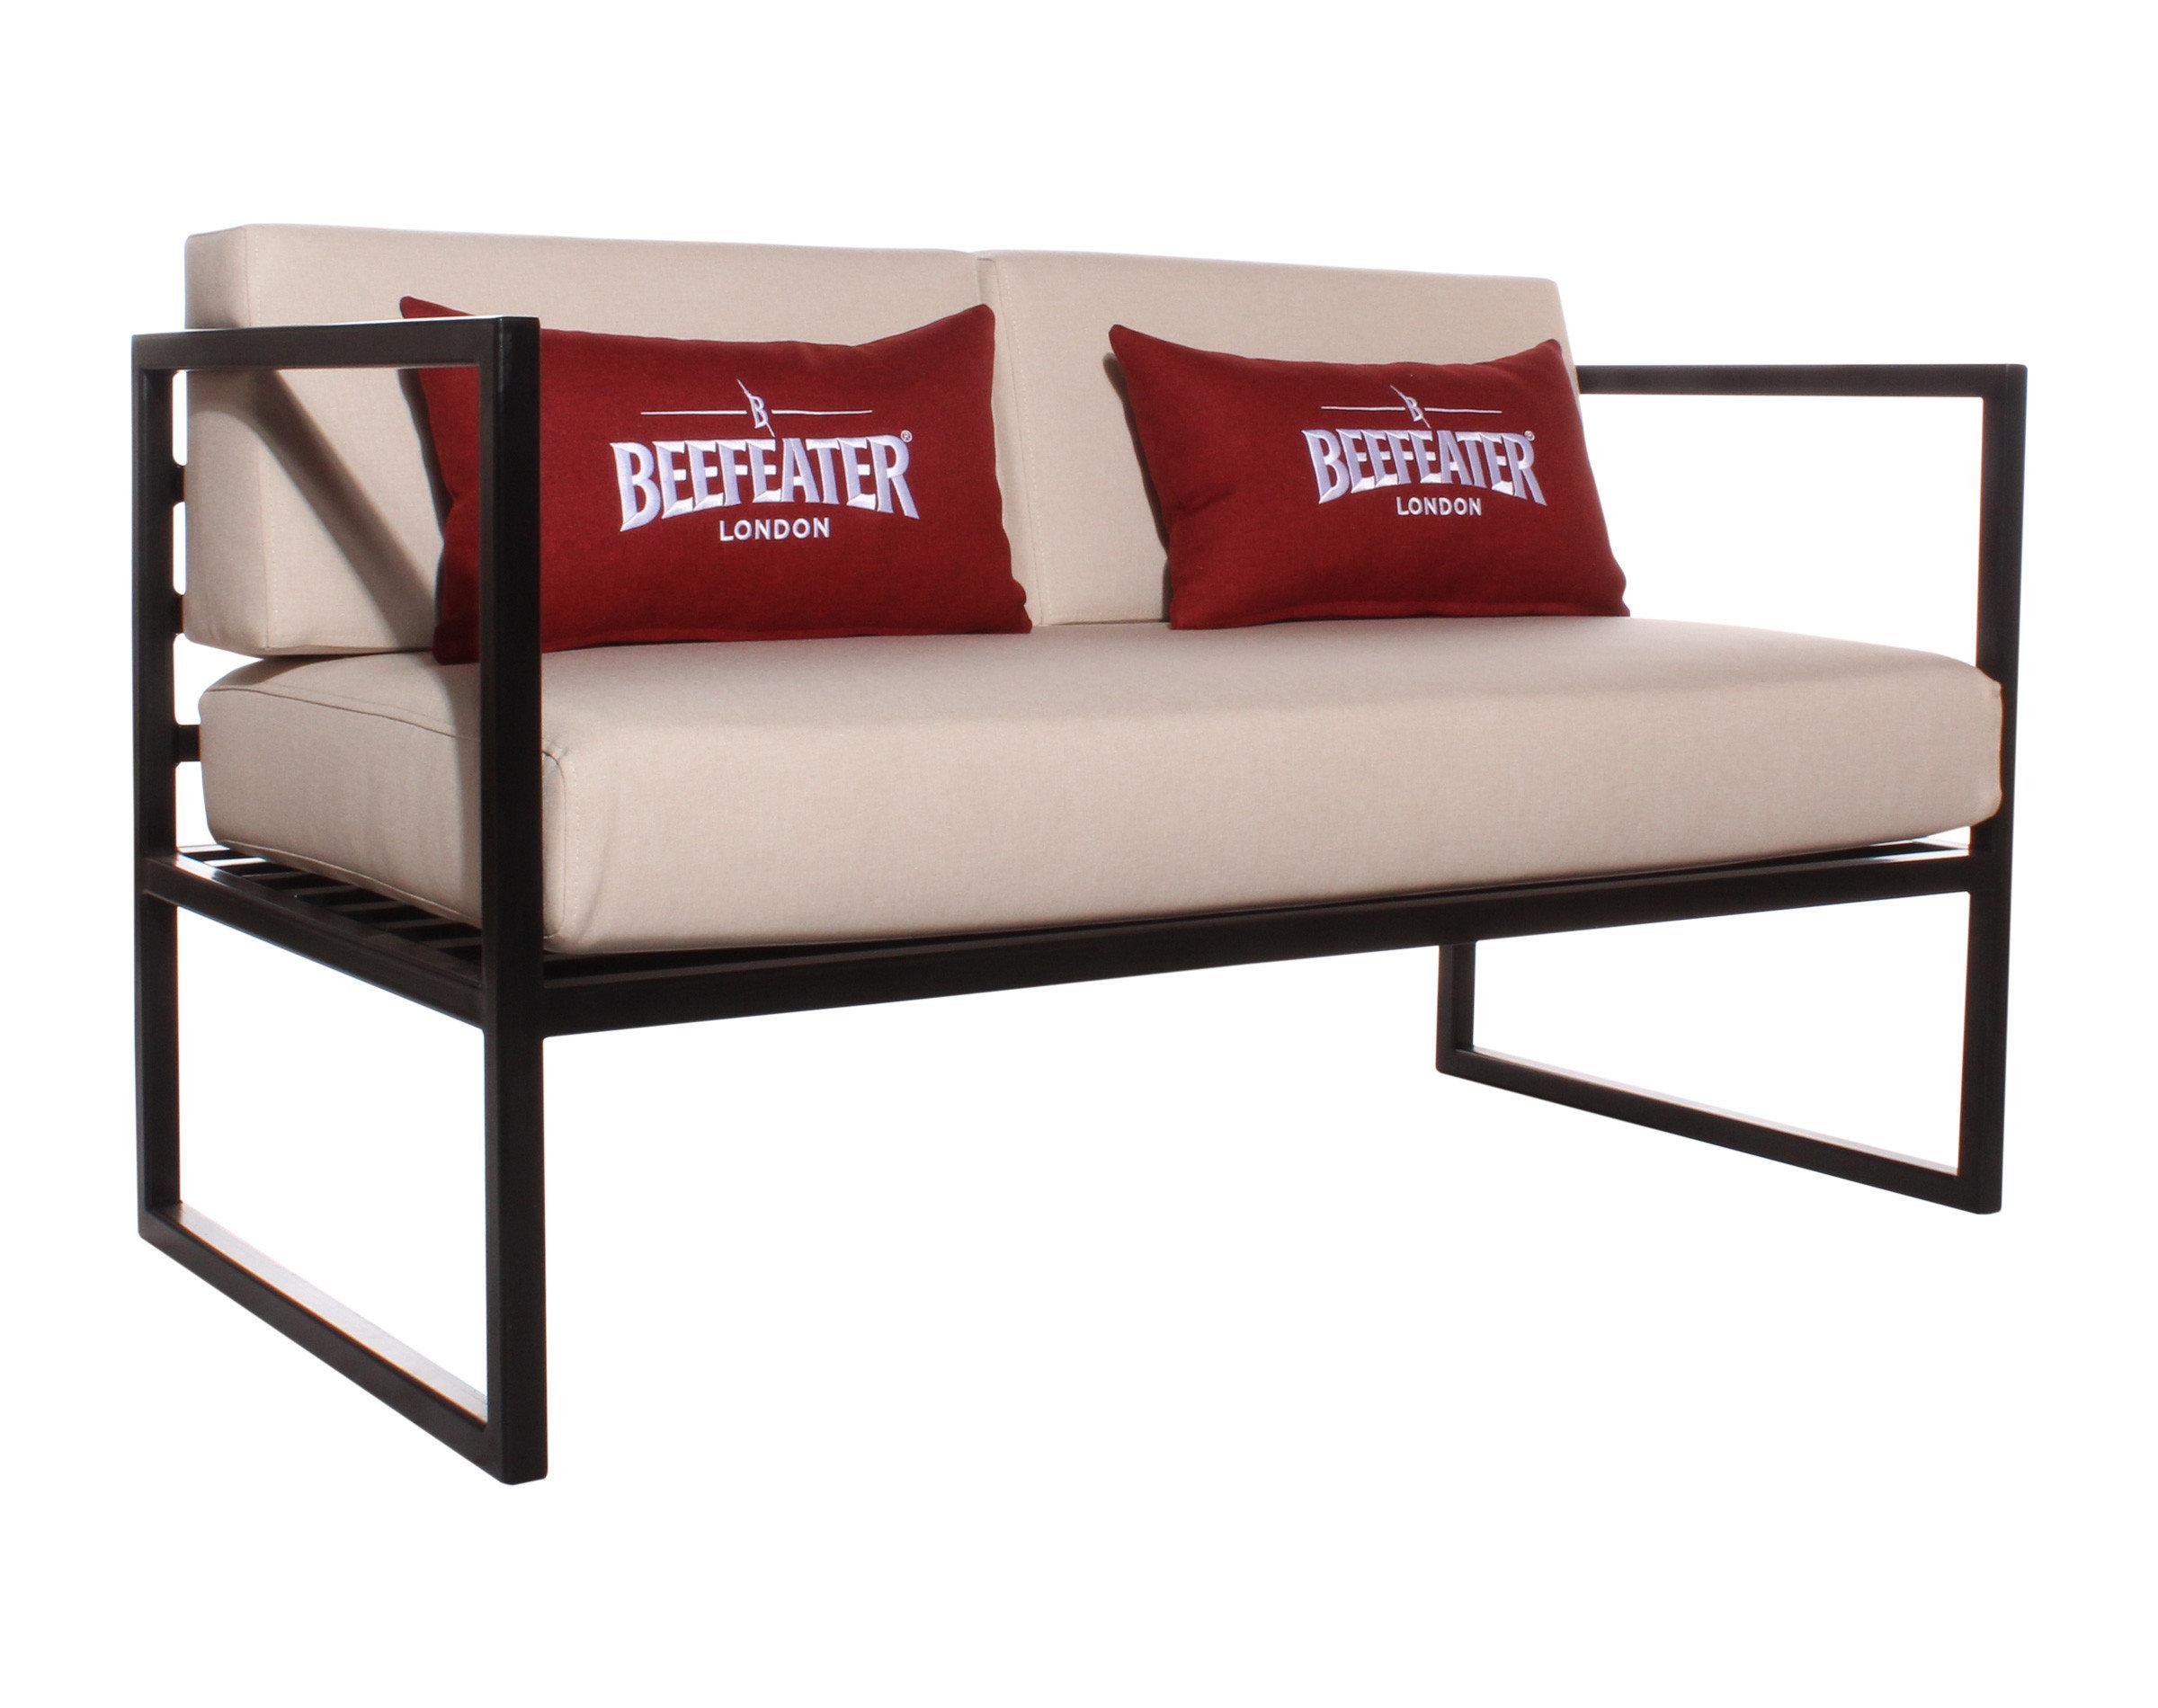 Sofas con estructura metalica para terraza de discoteque 2 cuerpos